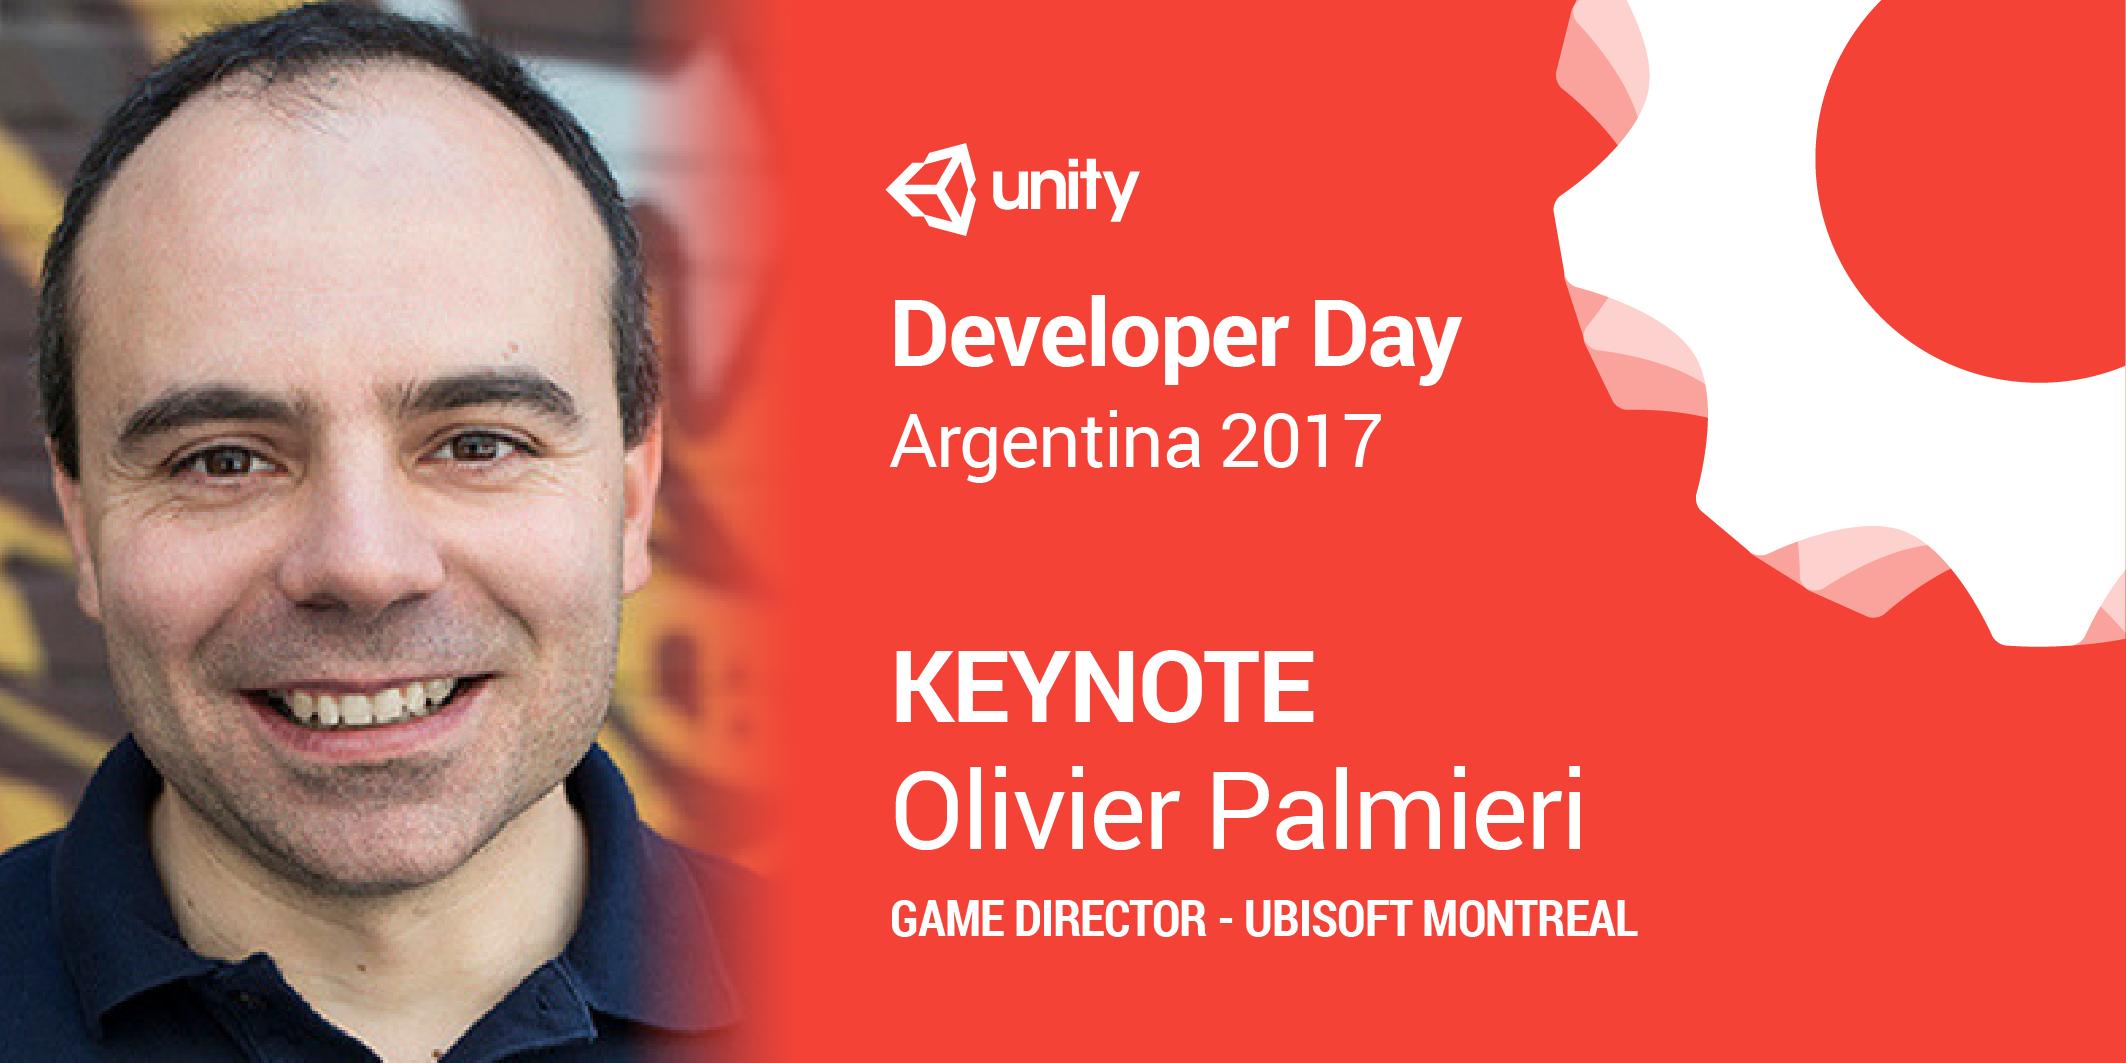 Unity Developer Day Keynote